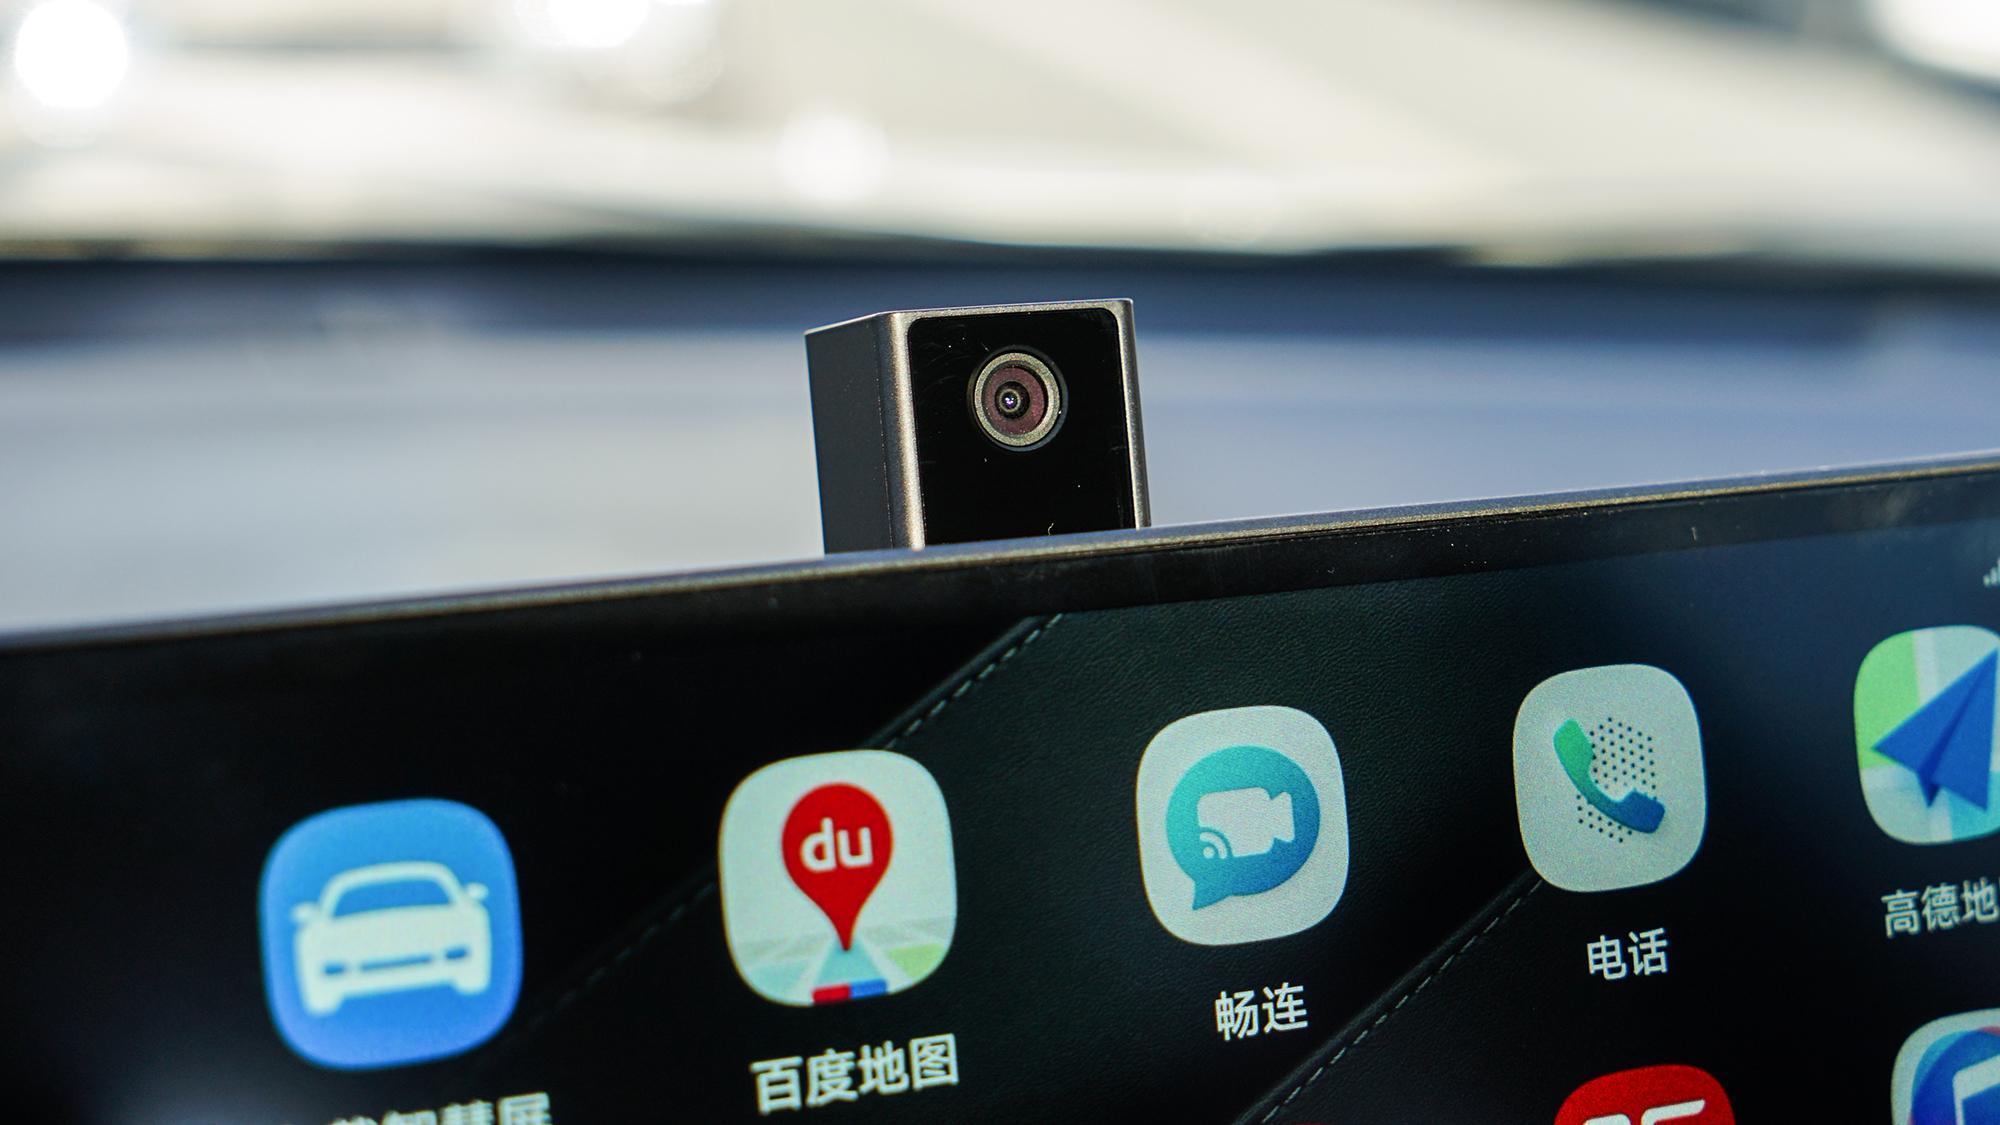 华为智选车载智慧屏评测:像手机一般好用,行车体验更便捷!